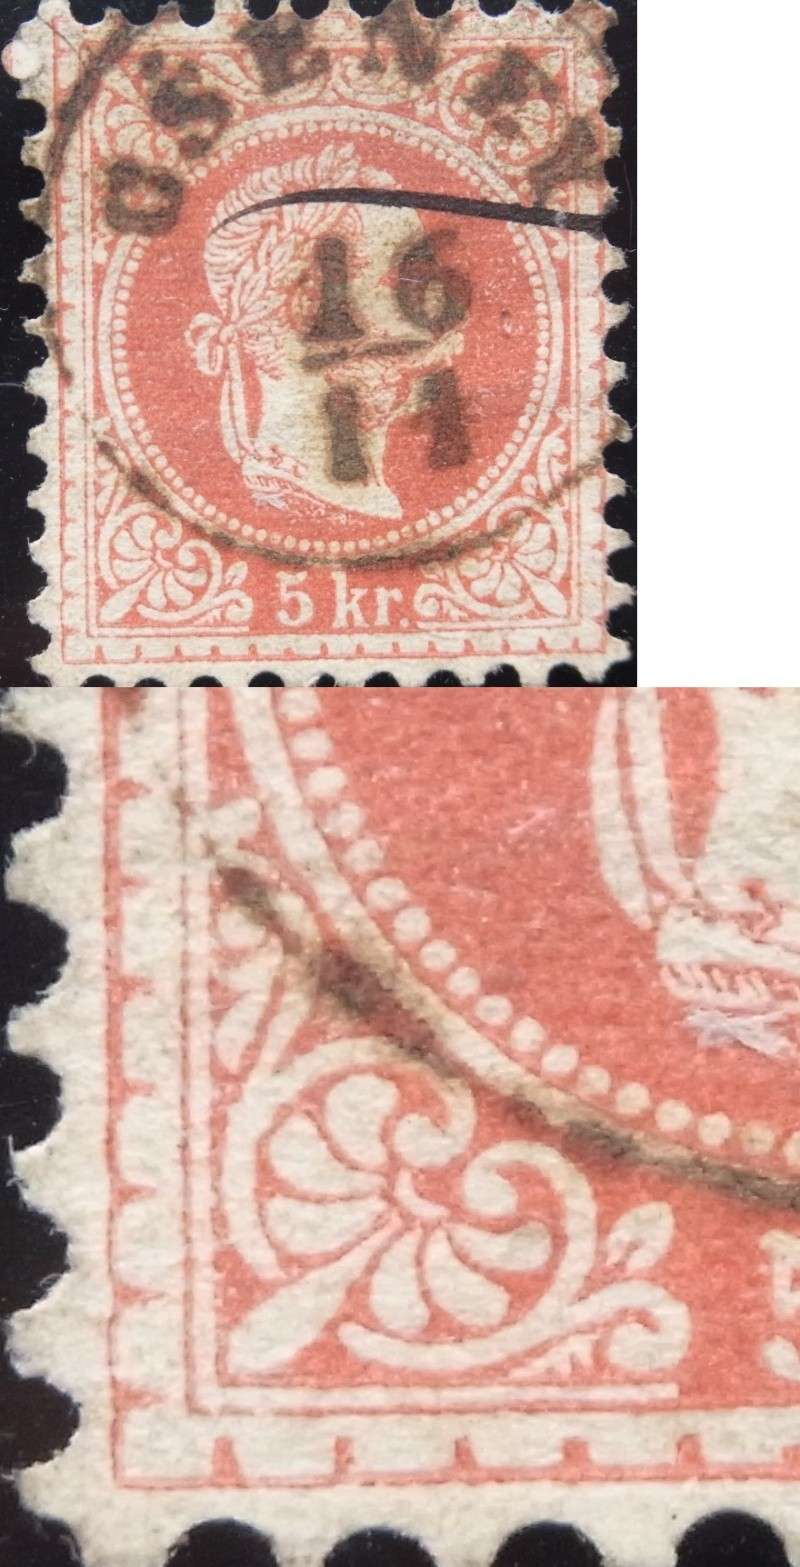 Freimarken-Ausgabe 1867 : Kopfbildnis Kaiser Franz Joseph I - Seite 4 Ank37-16